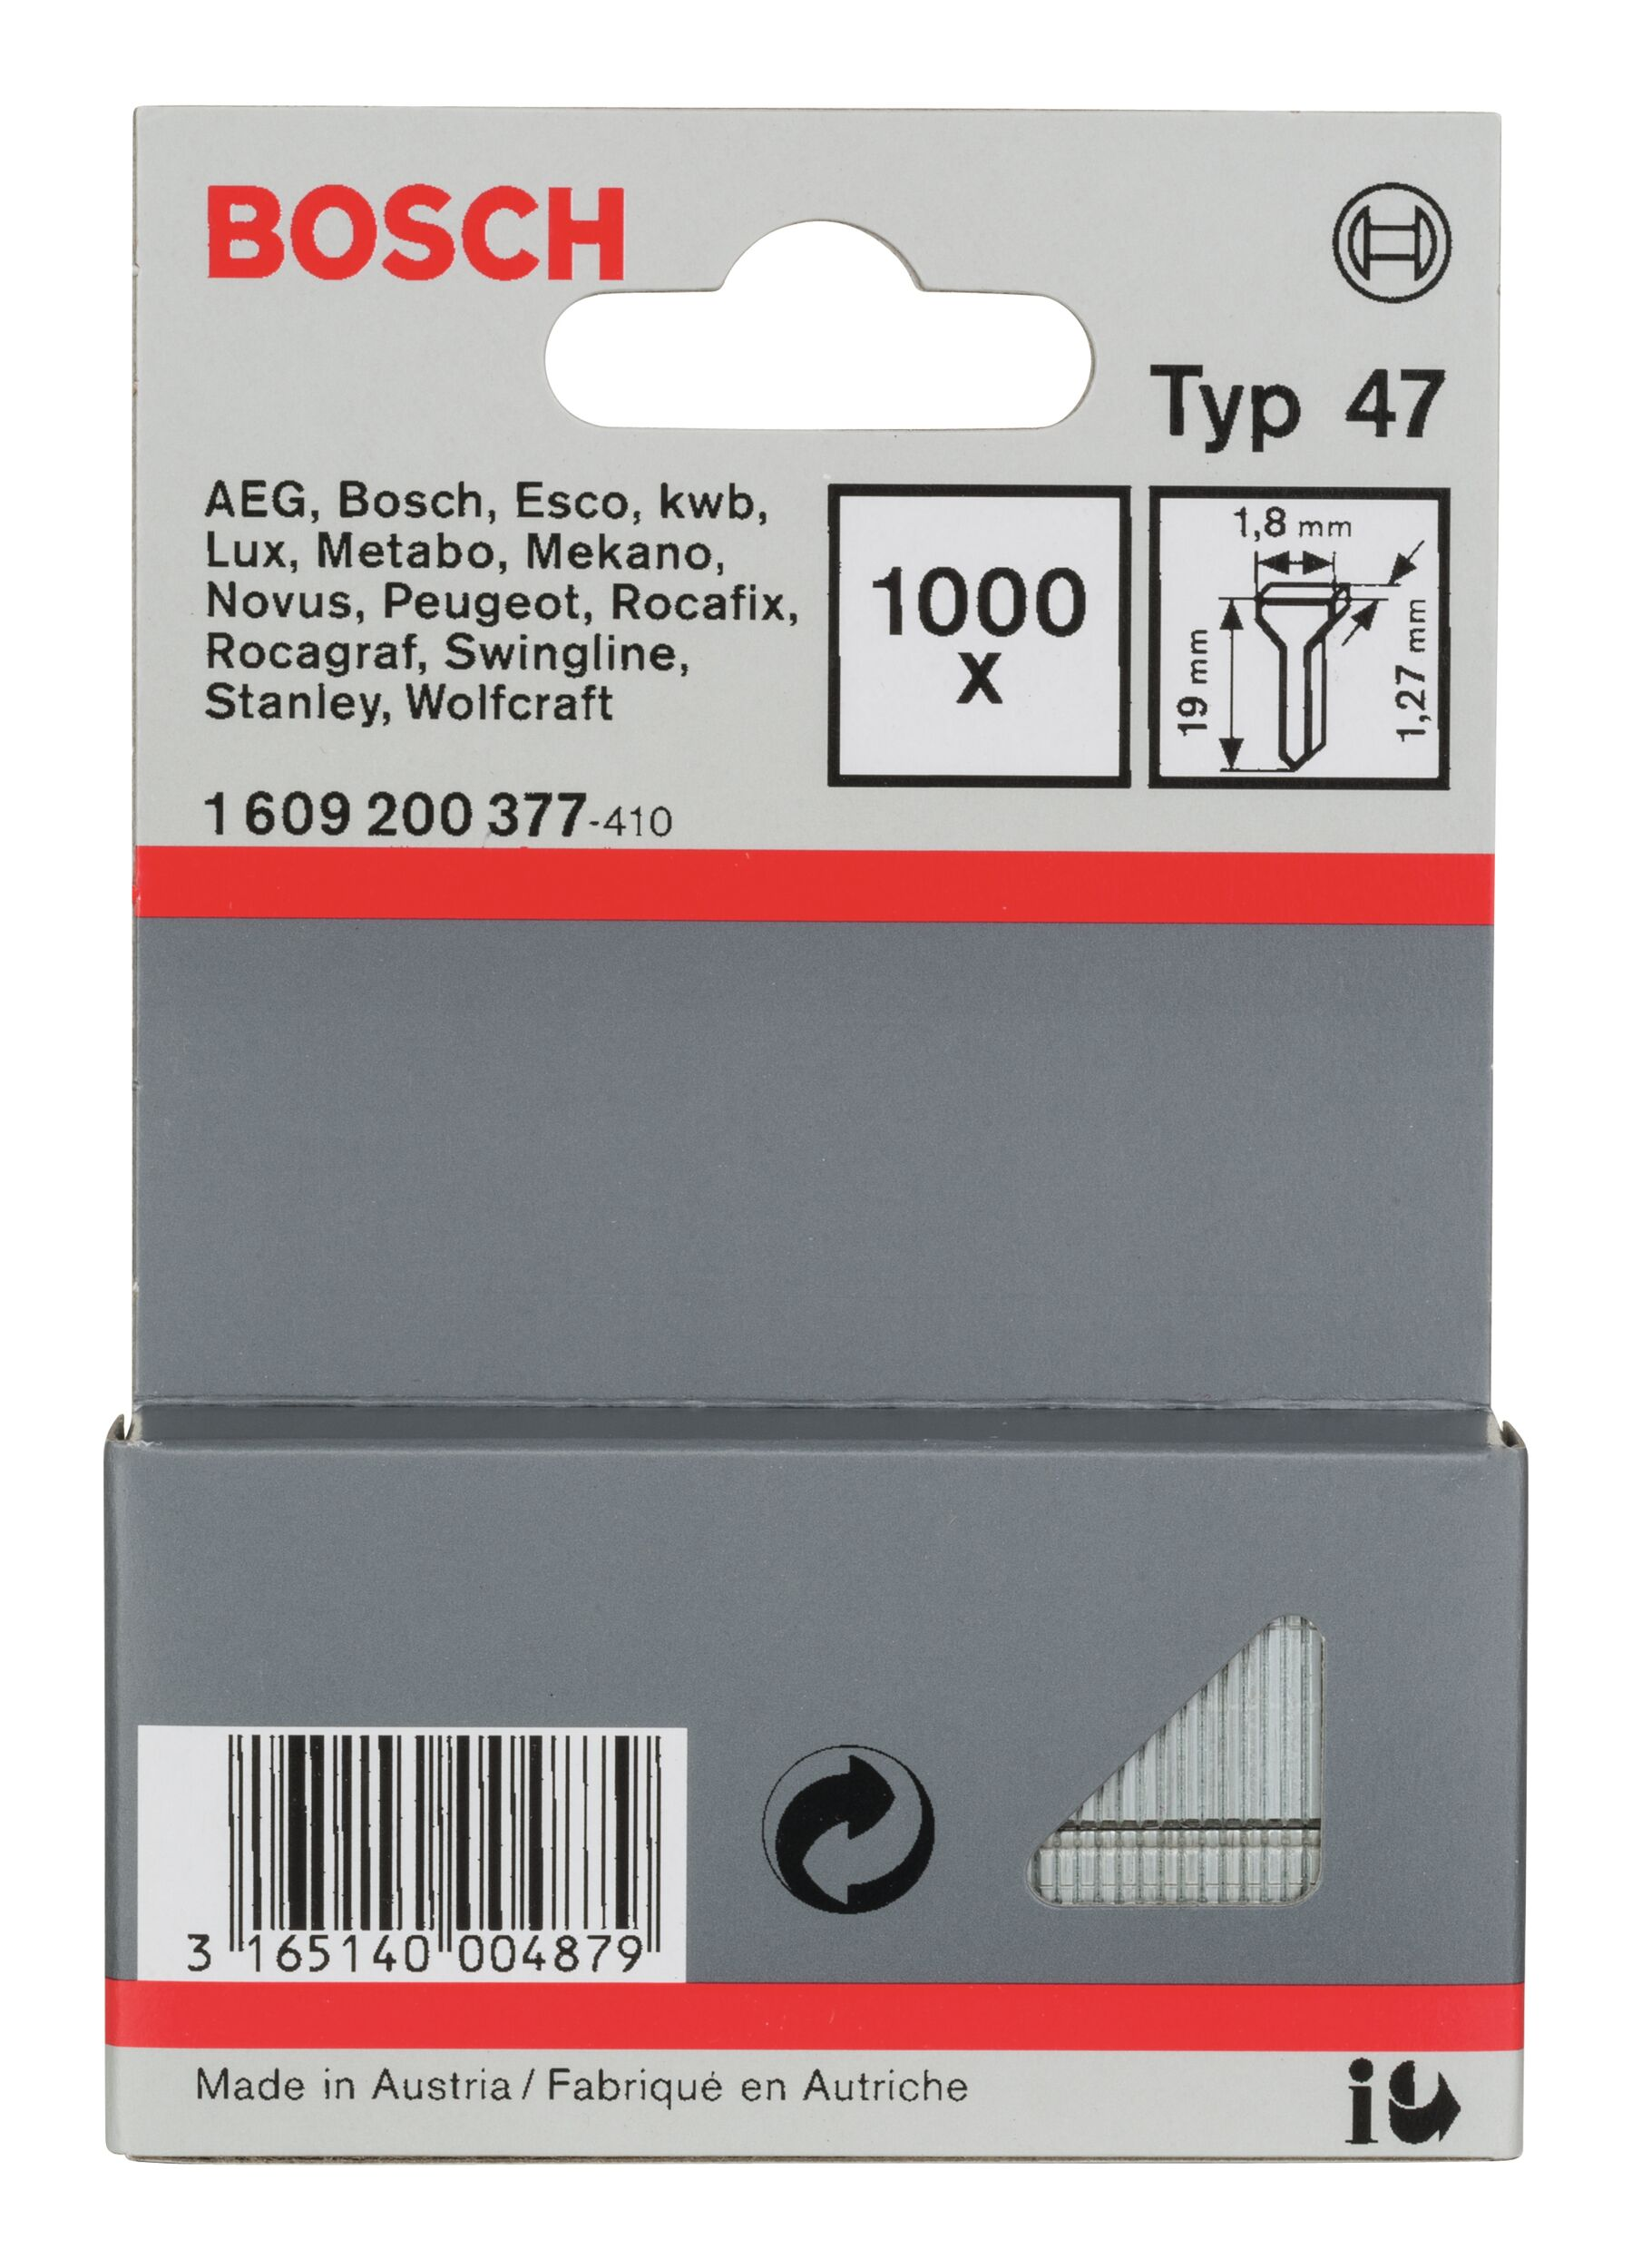 Bosch Zubehör Typ 47 Tackernagel - 1,27 x 19 x 1,8 mm -... 1609200377 (1.000 Stück)